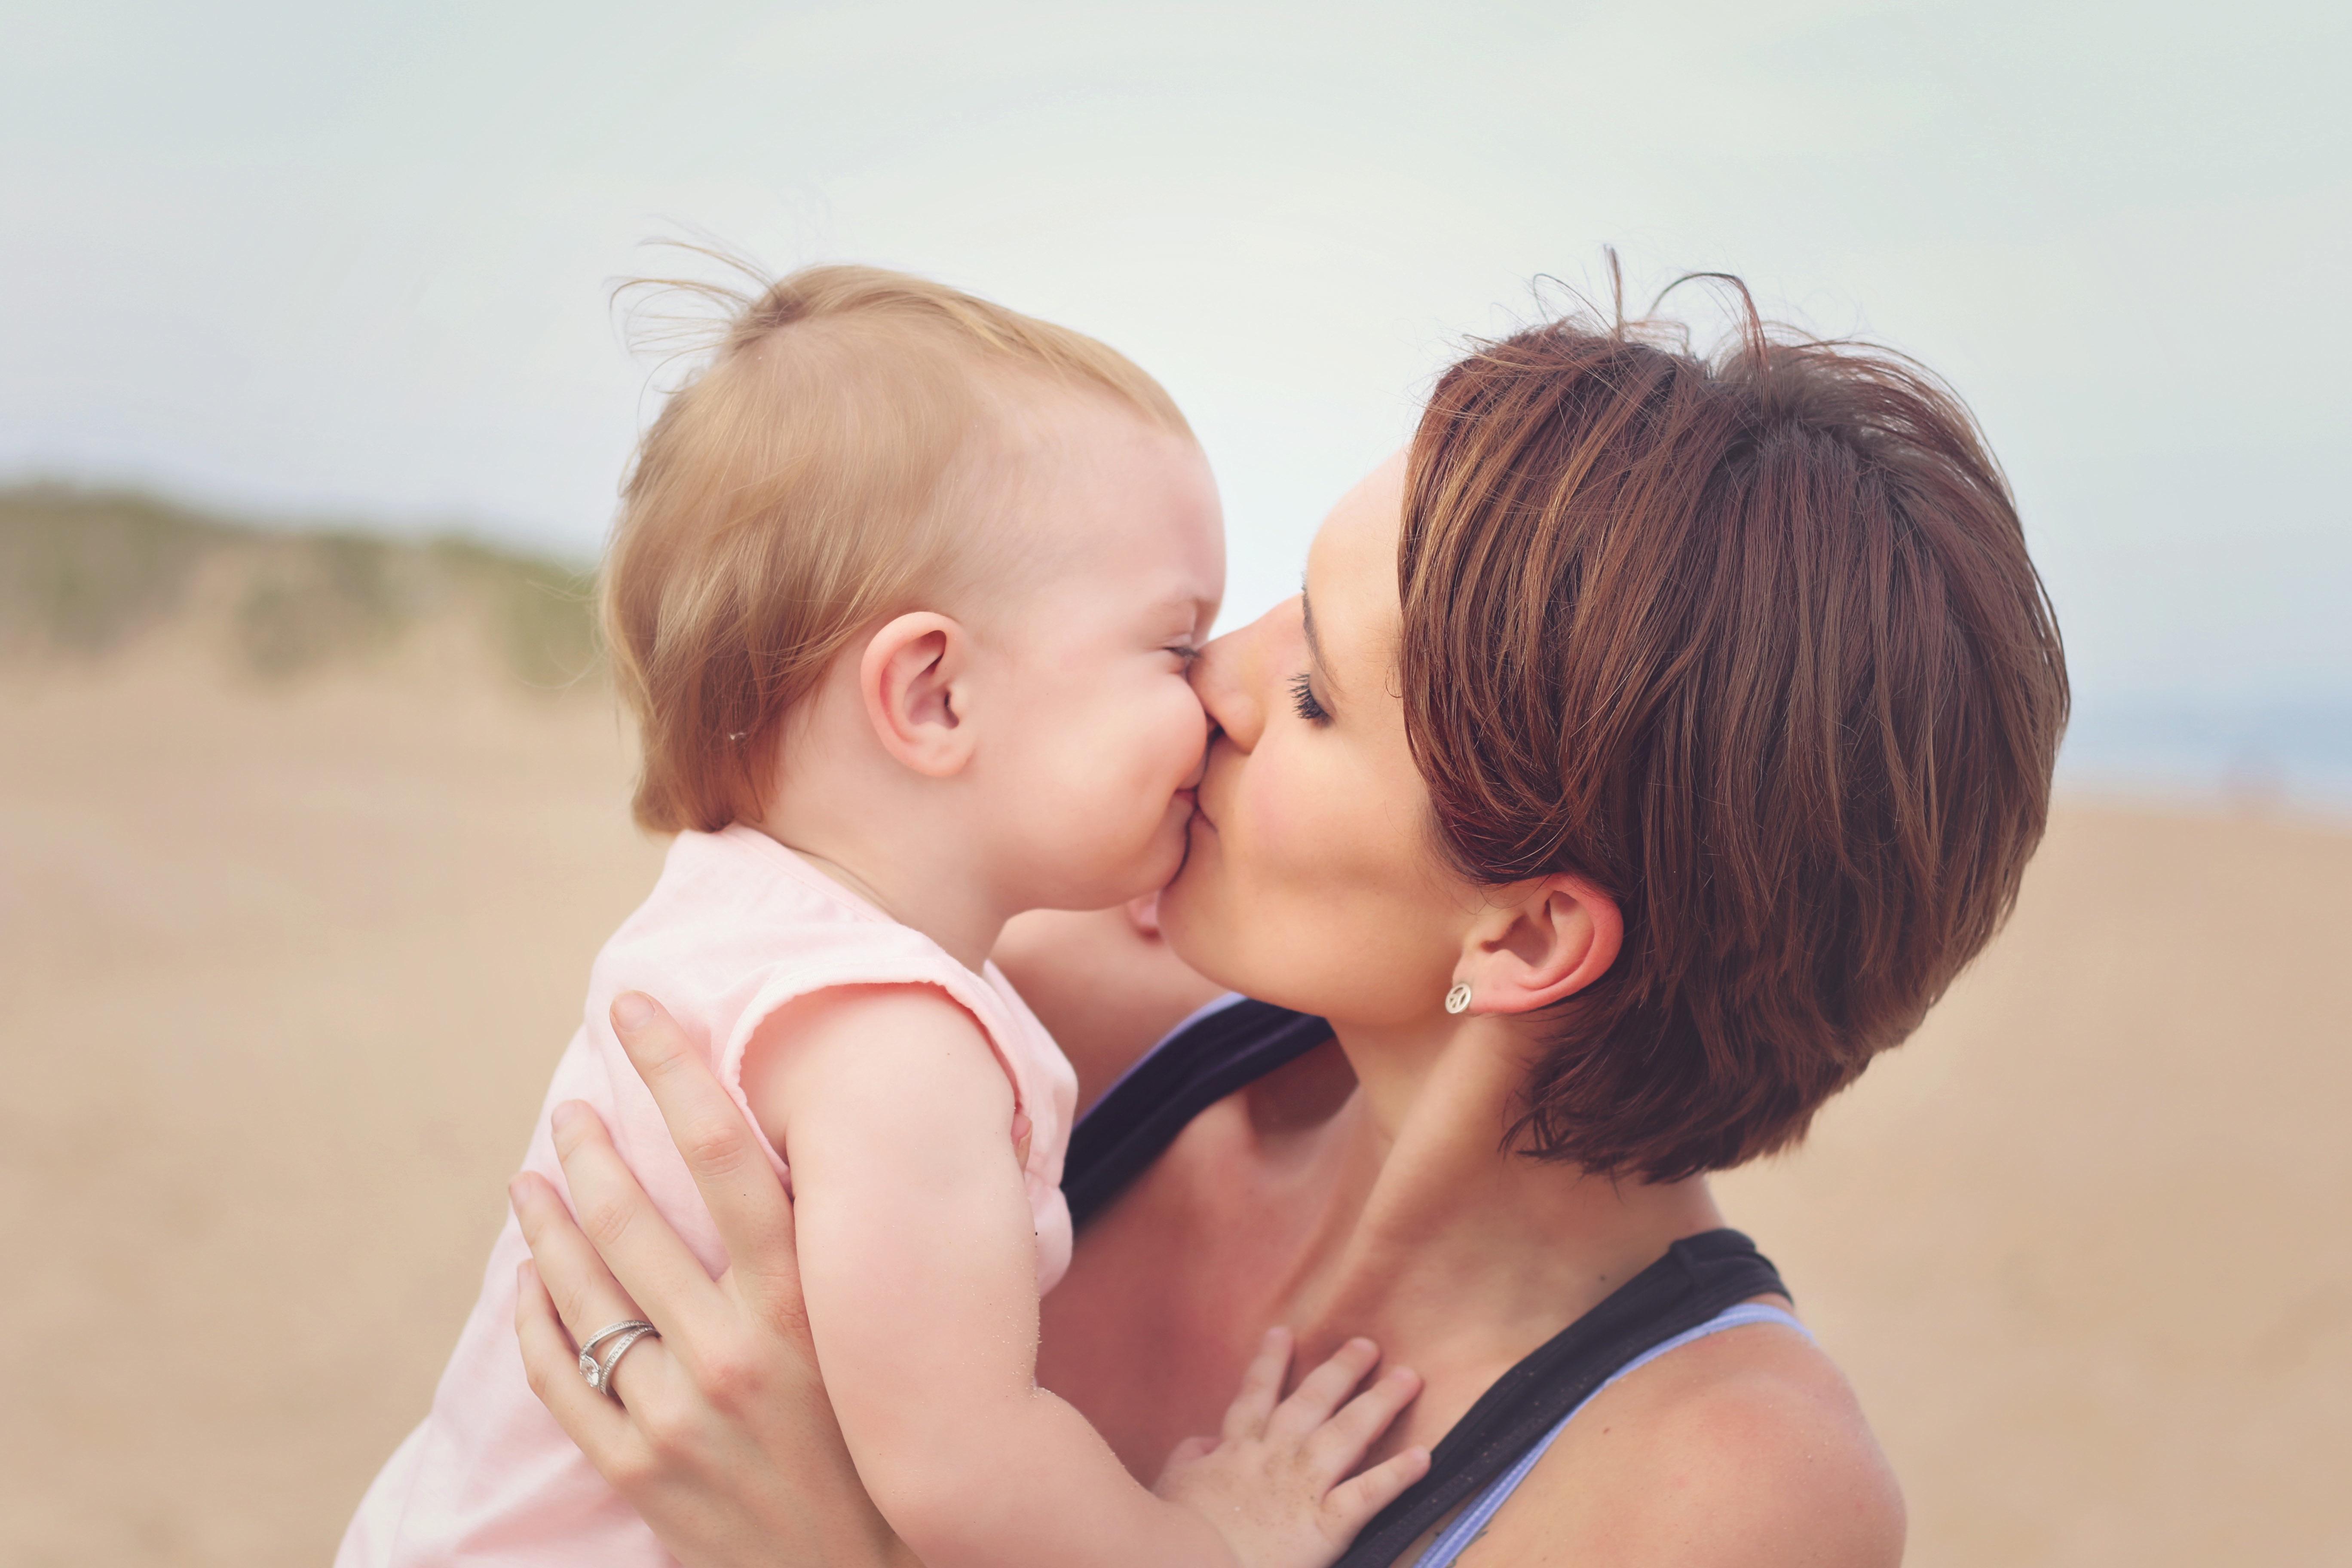 Дети целуются: картинки и фото дети целуются, скачать рисунок 67